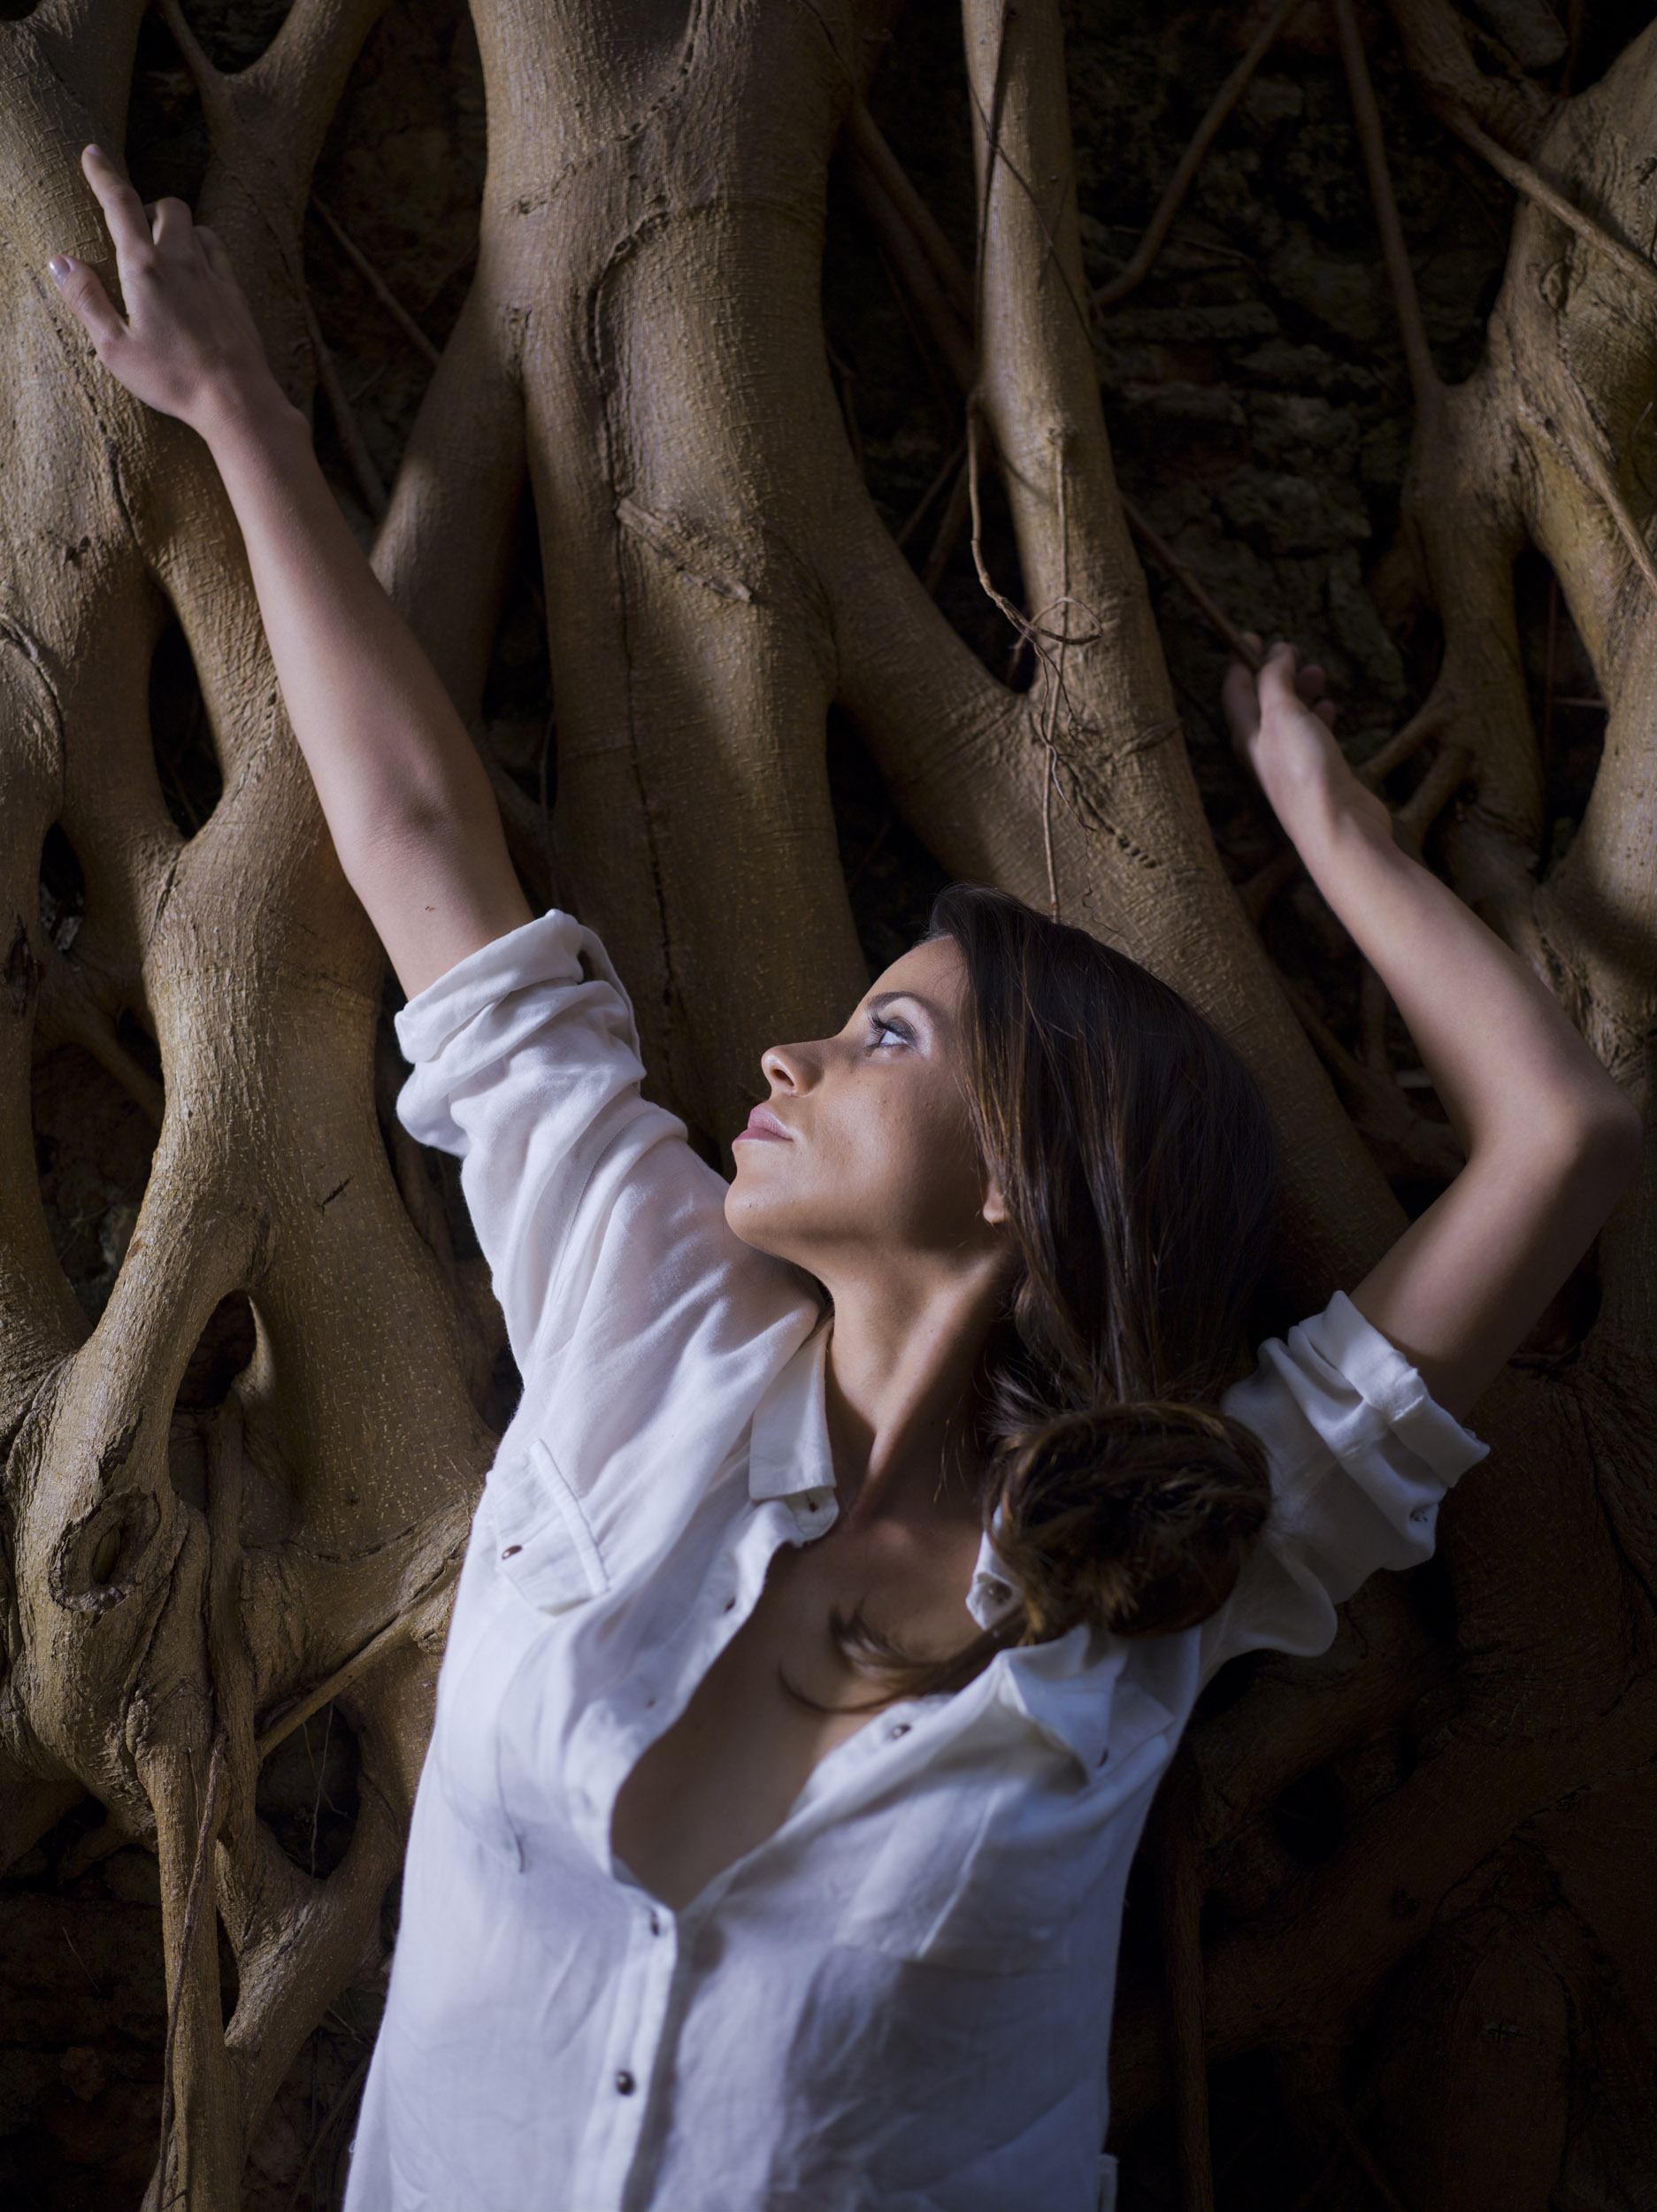 Mirielis Cejas, actress - Illuminated Cuba - Hector Garrido, Aerial and human photography